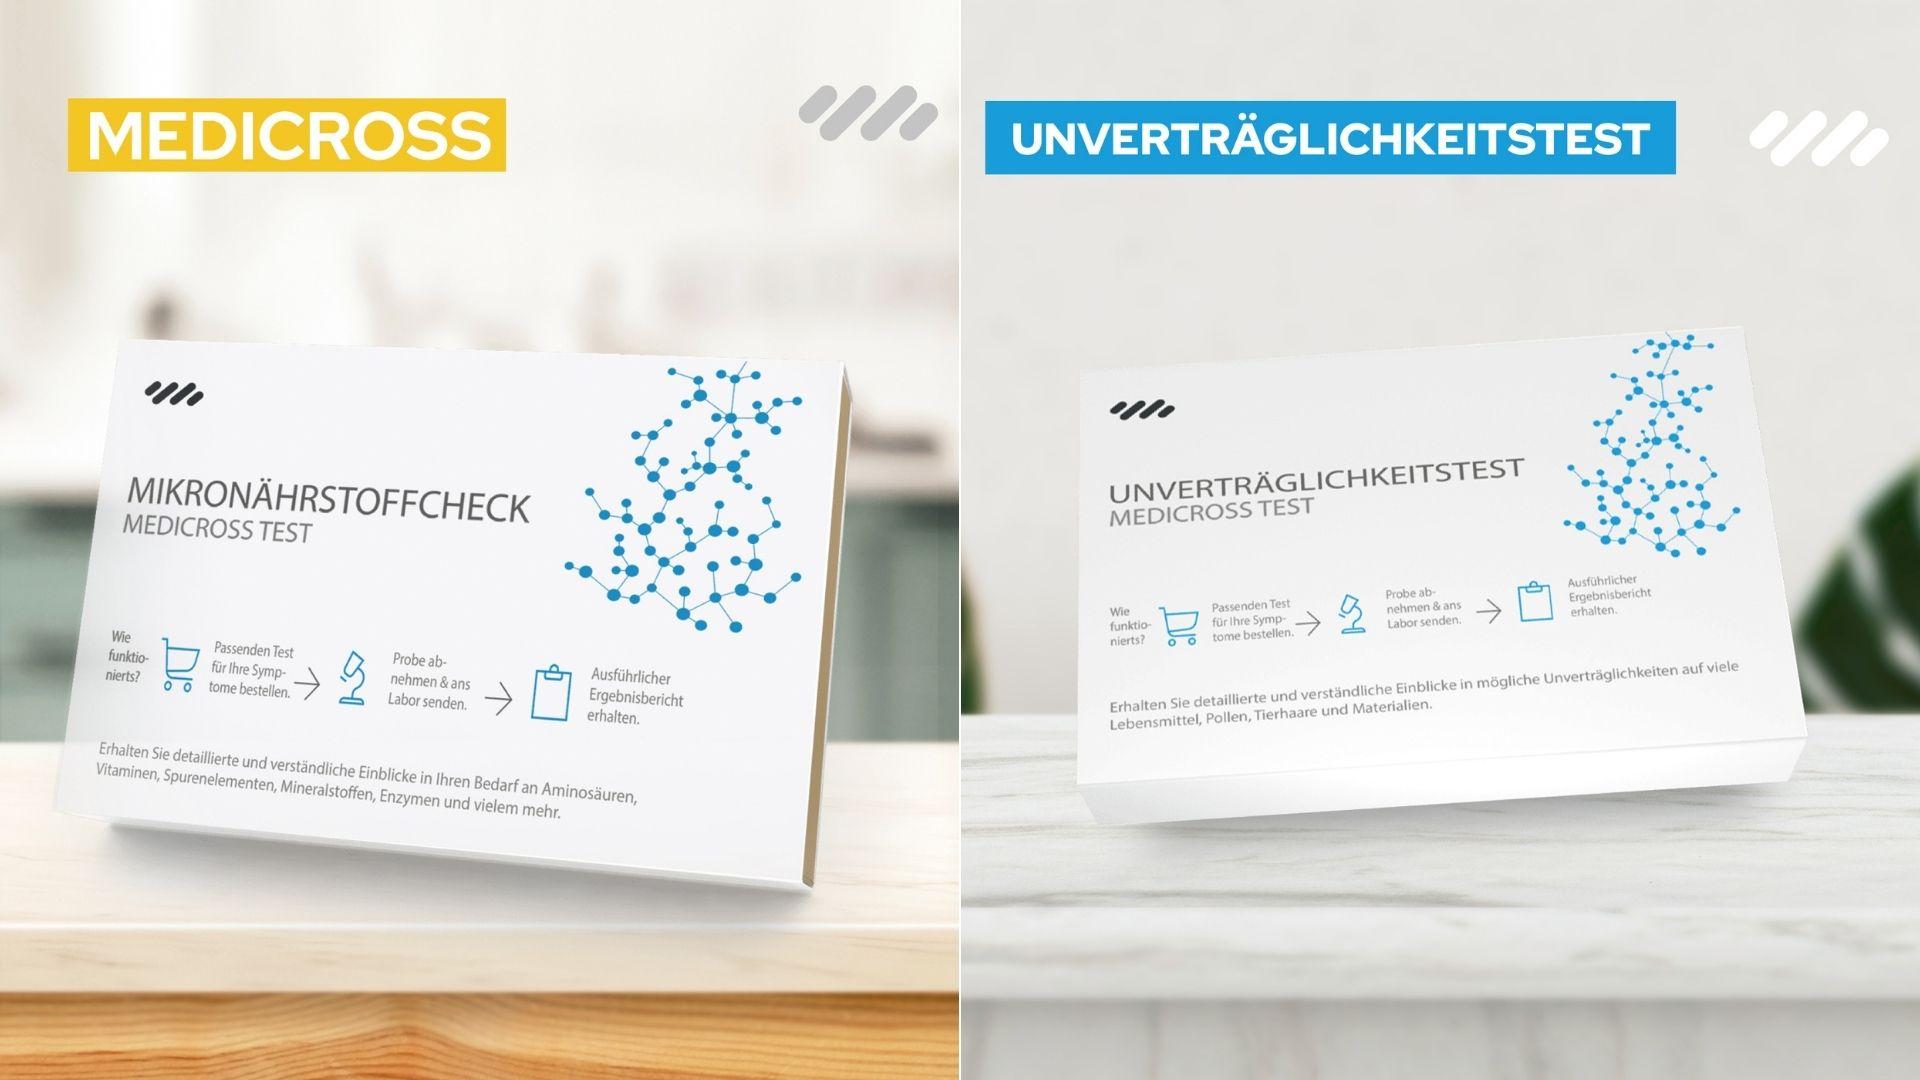 01 Medicross Labs Erfahrung - Unverträglichkeits Test